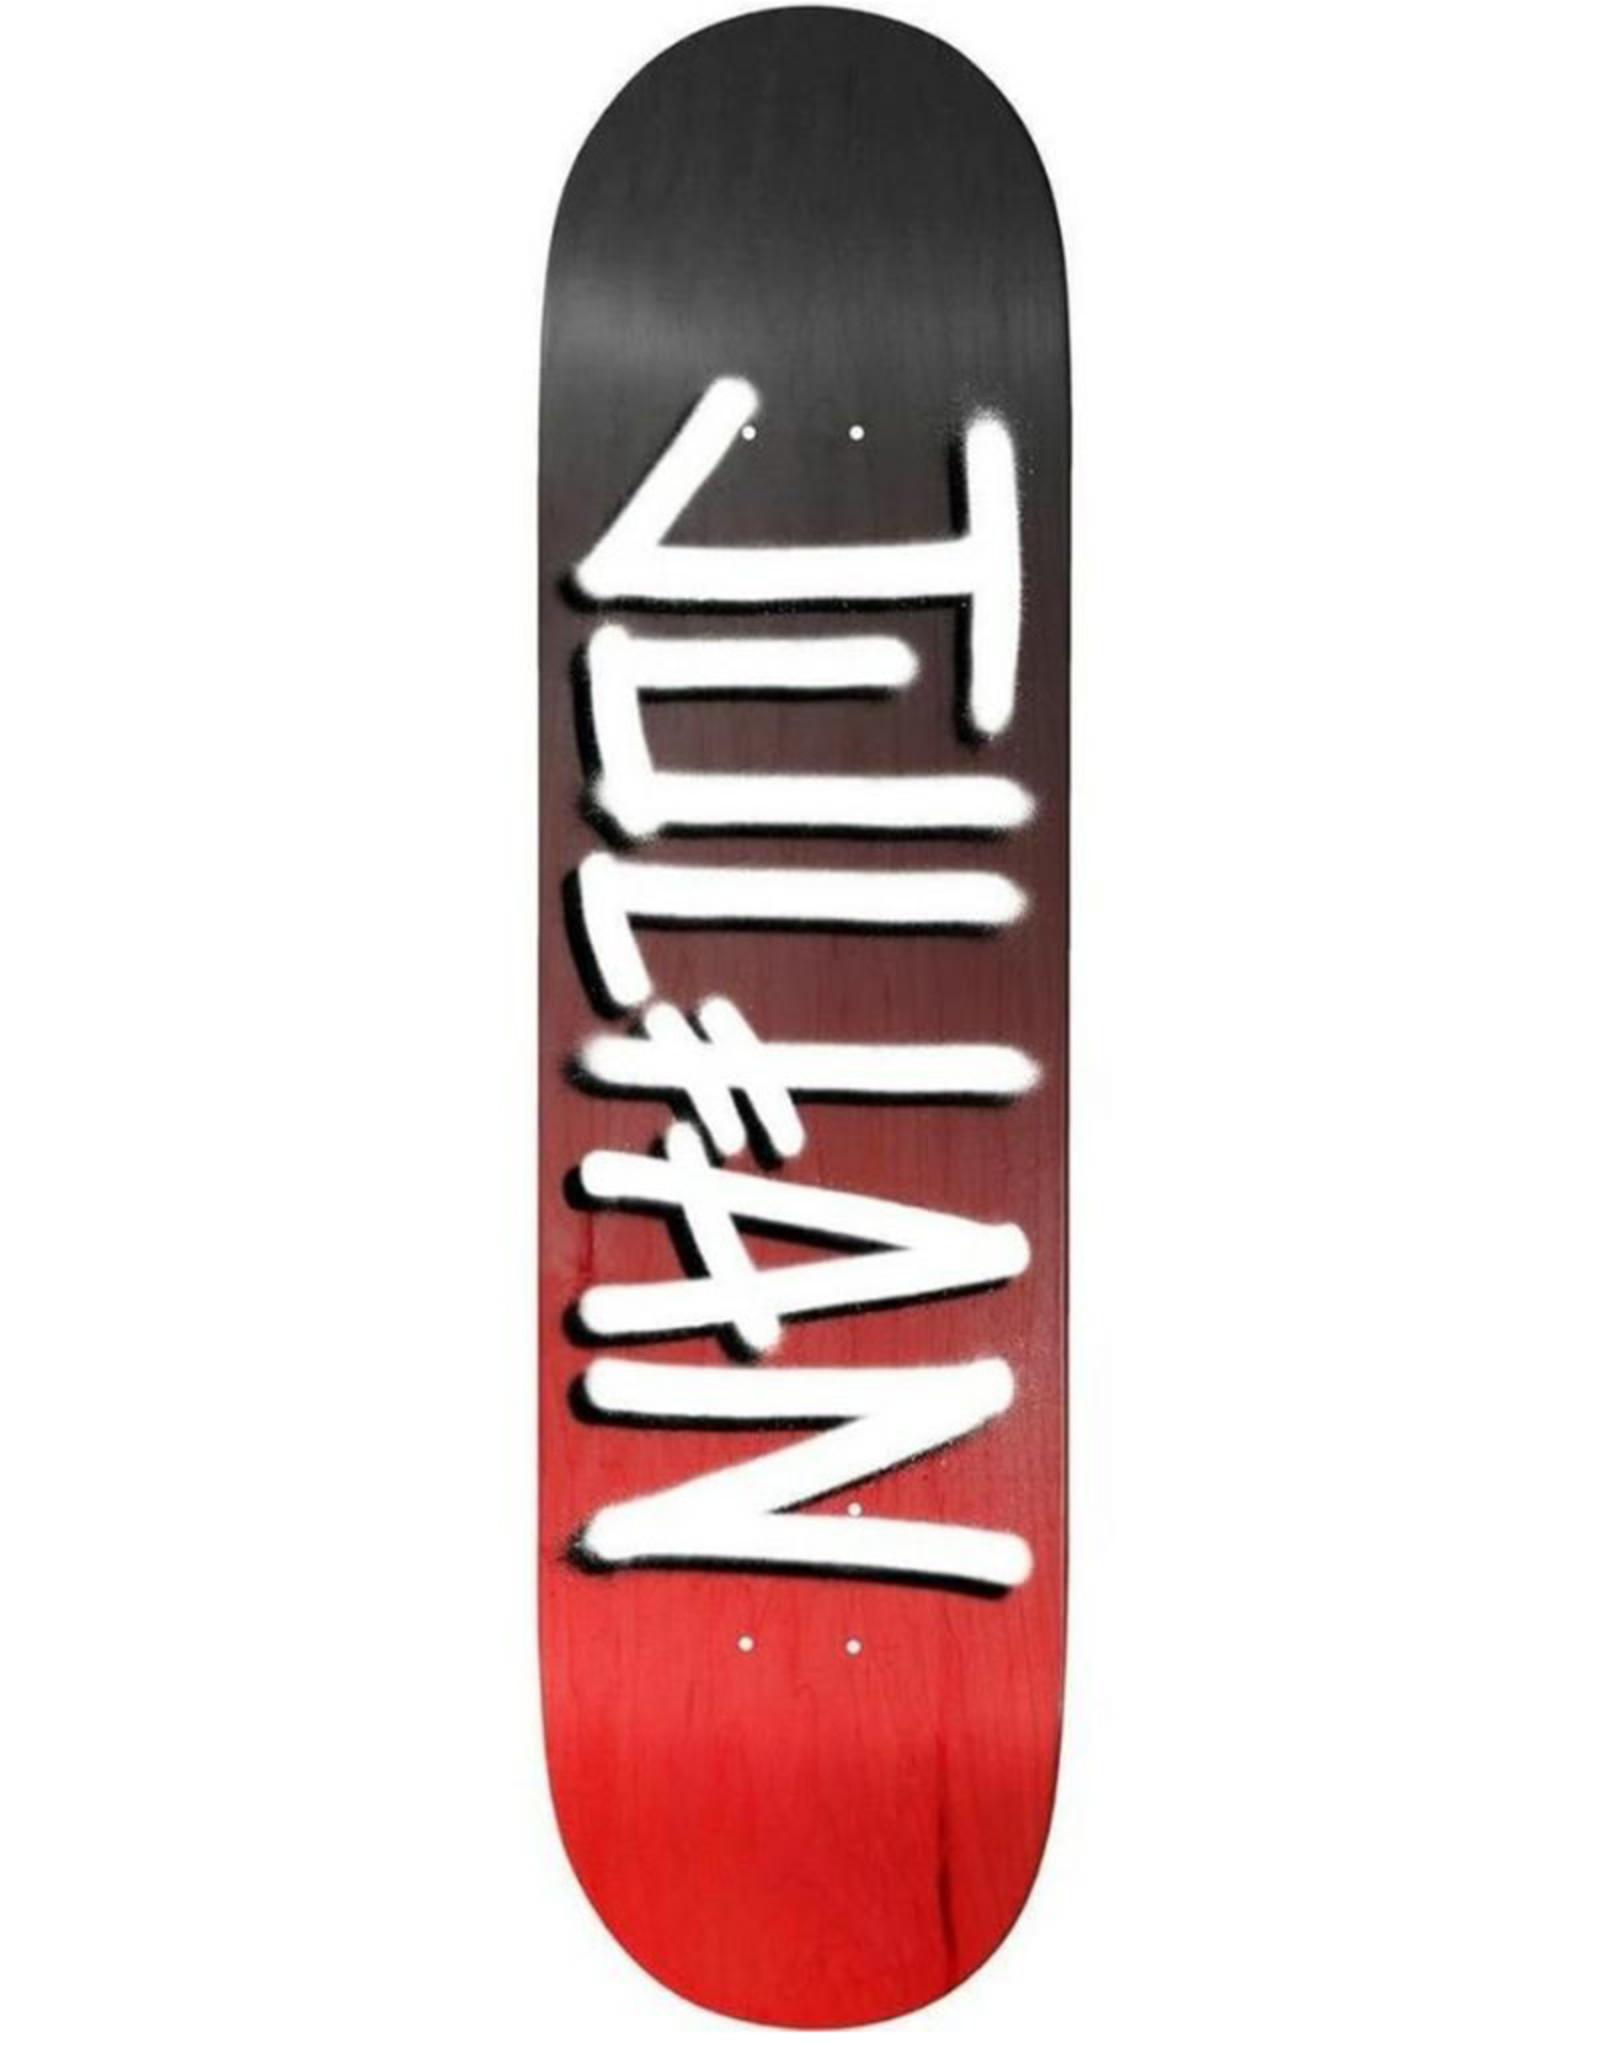 Deathwish Deathwish Deck Julian Davidson Gang Name Black/Red (8.0)